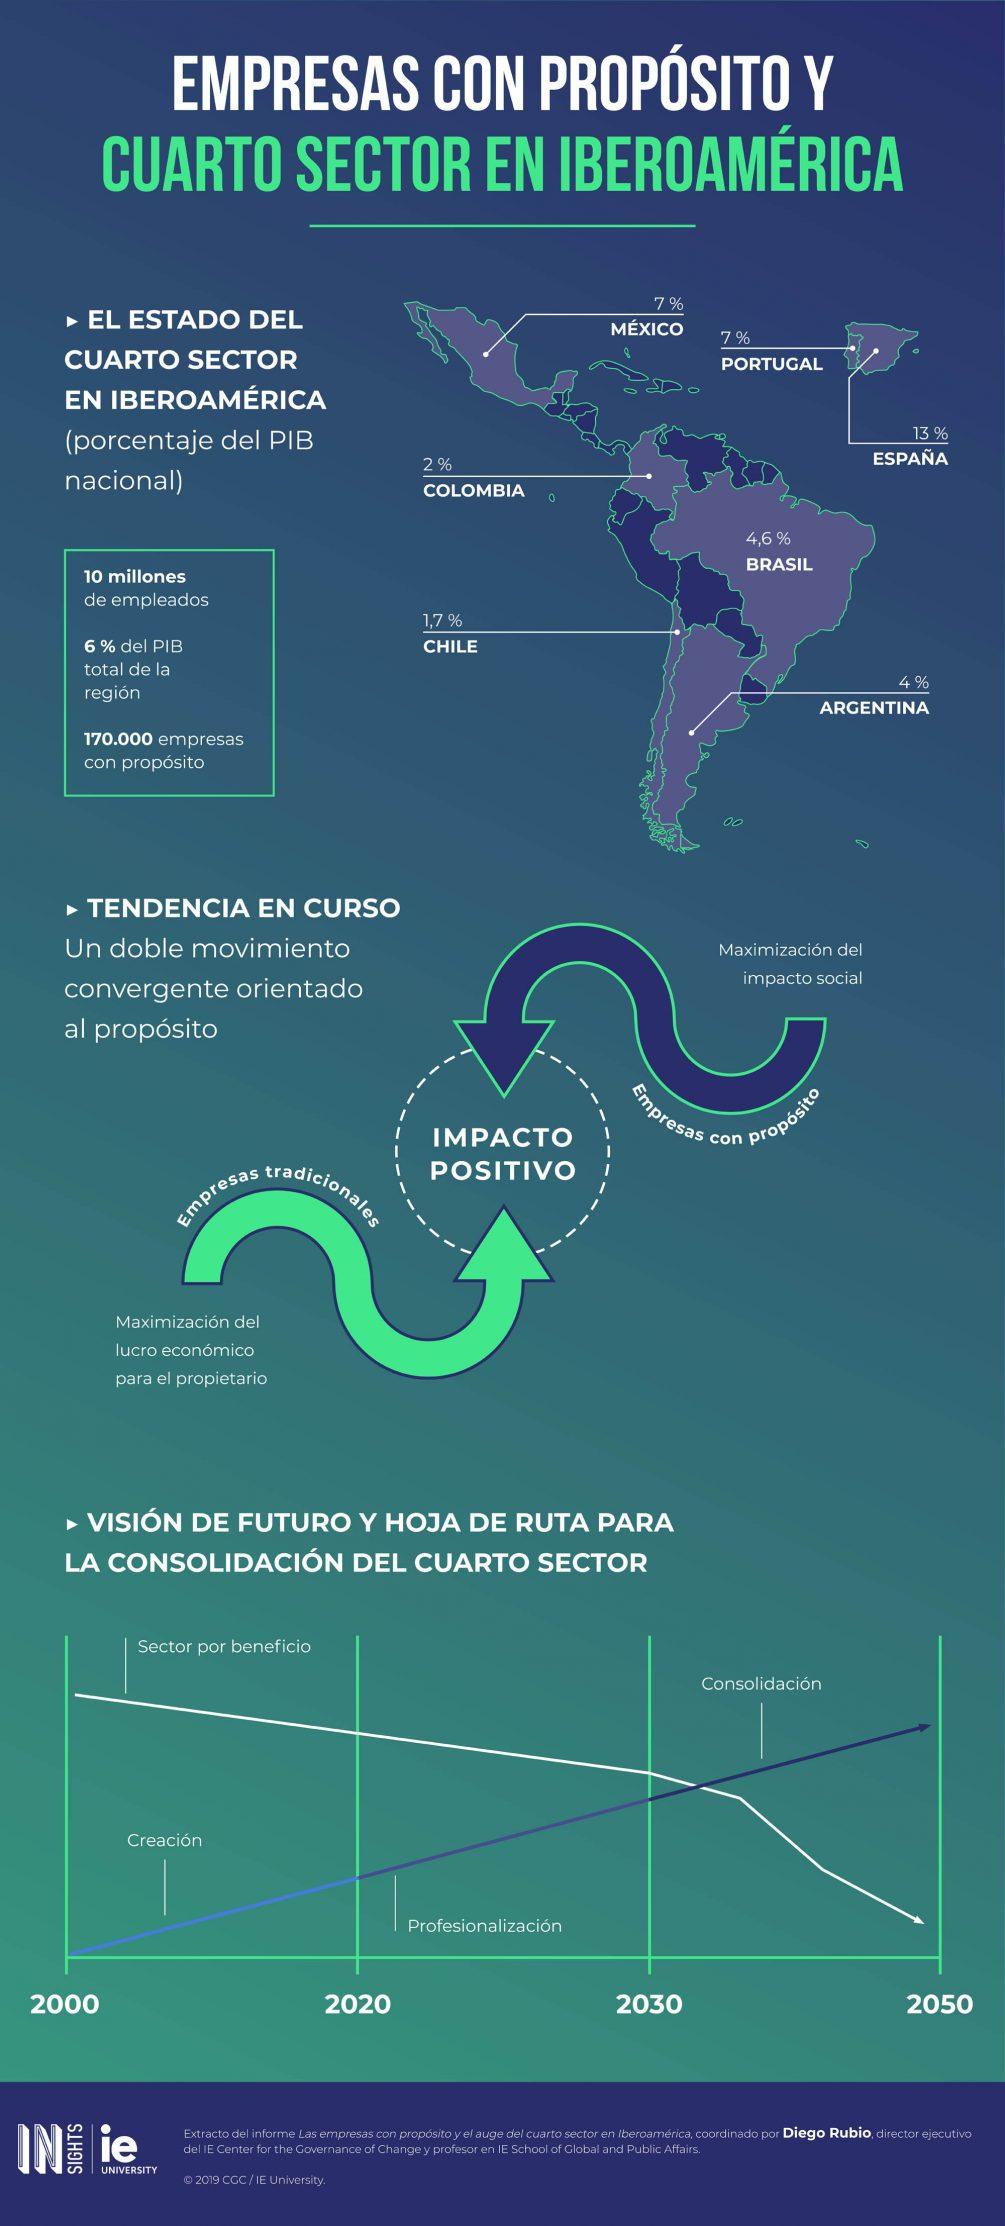 Infografia - Empresas con proposito y cuarto sector en Iberoamerica esp